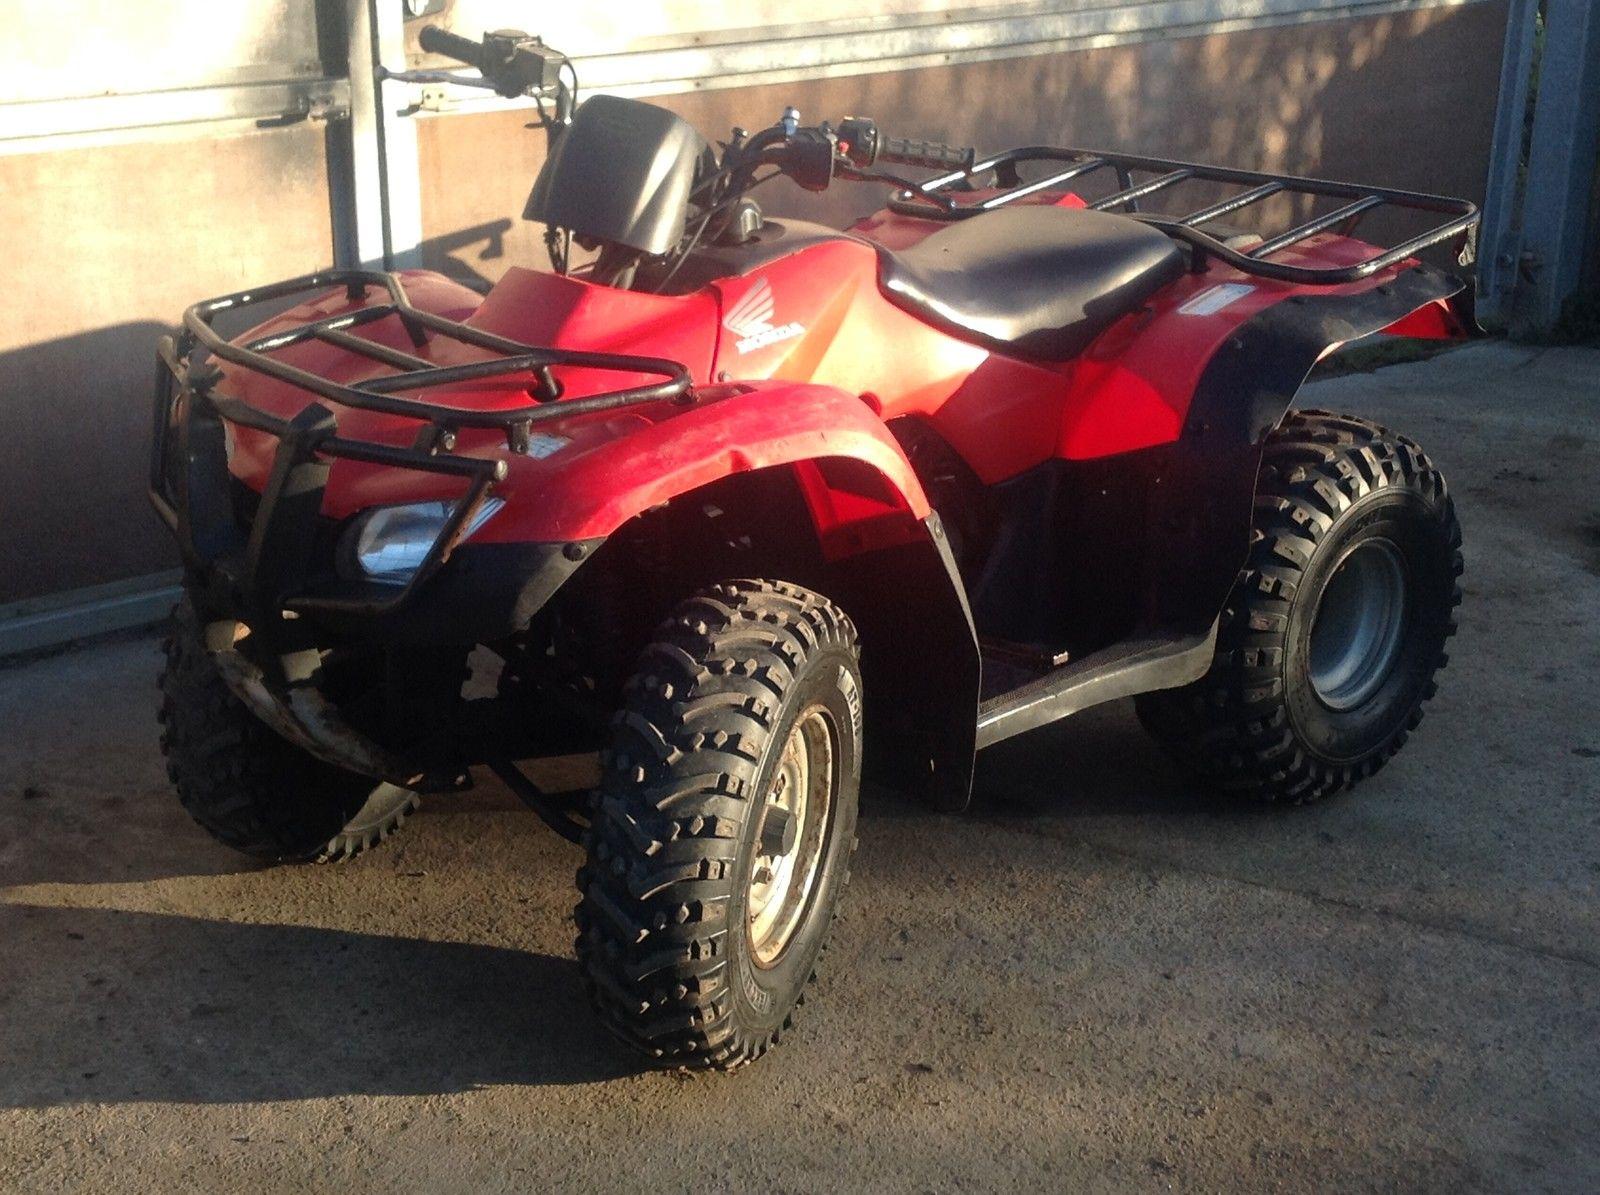 Honda Quad Trx 250 Fourtrax Atv Big Red